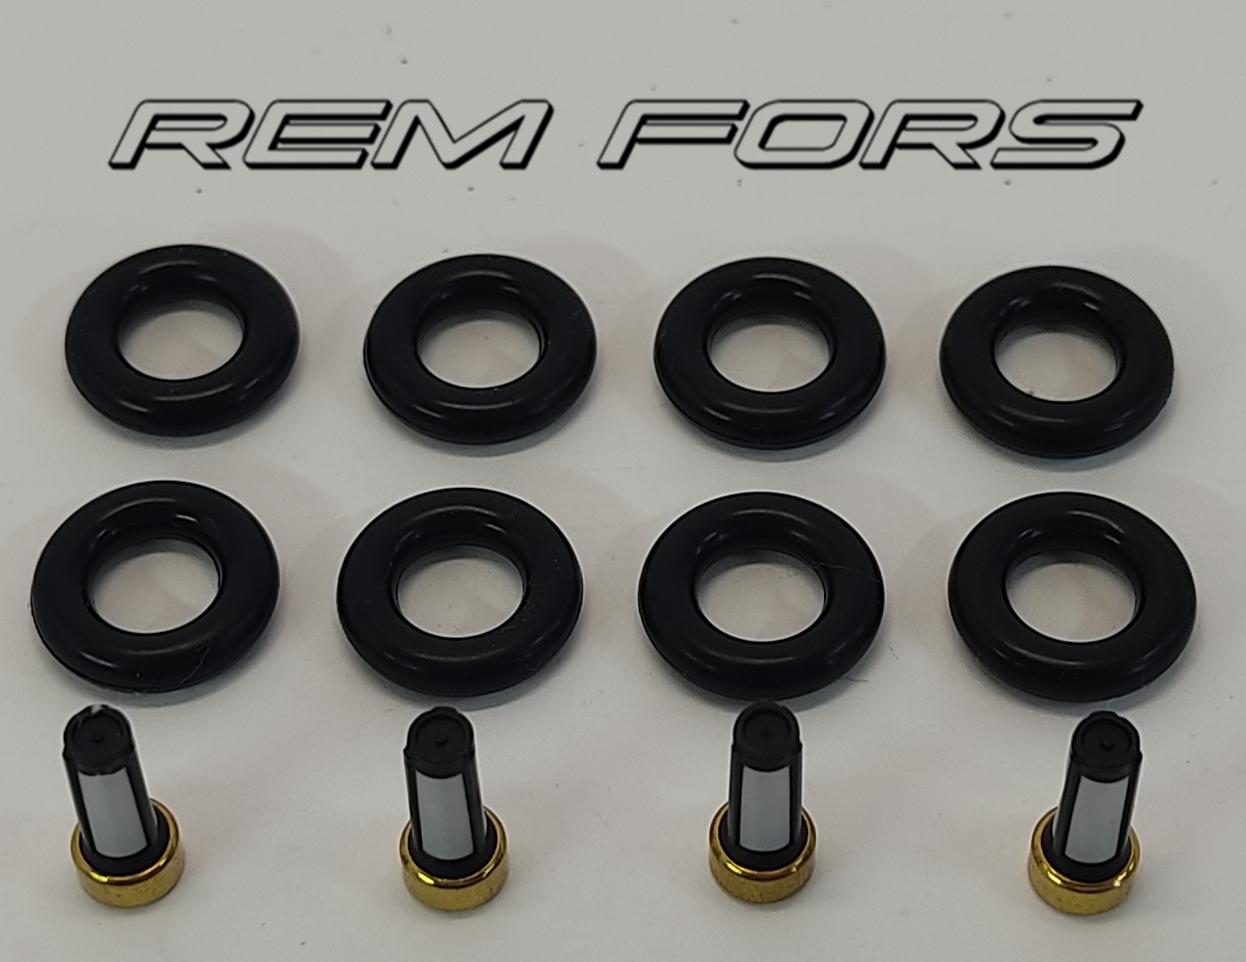 Ремкомплект форсунки M60/62 3.0 24V - 4.0 V8 32V   BMW 5 E34  88-95  ОЕ:13641747406 3.0i  - 3.5 V8 32V  BMW 7 E38  94-01 ОЕ:13641747406 M60/62 3.0i  -,4.0 V8 32V  BMW 7 E32 86-93  ОЕ:13641747406